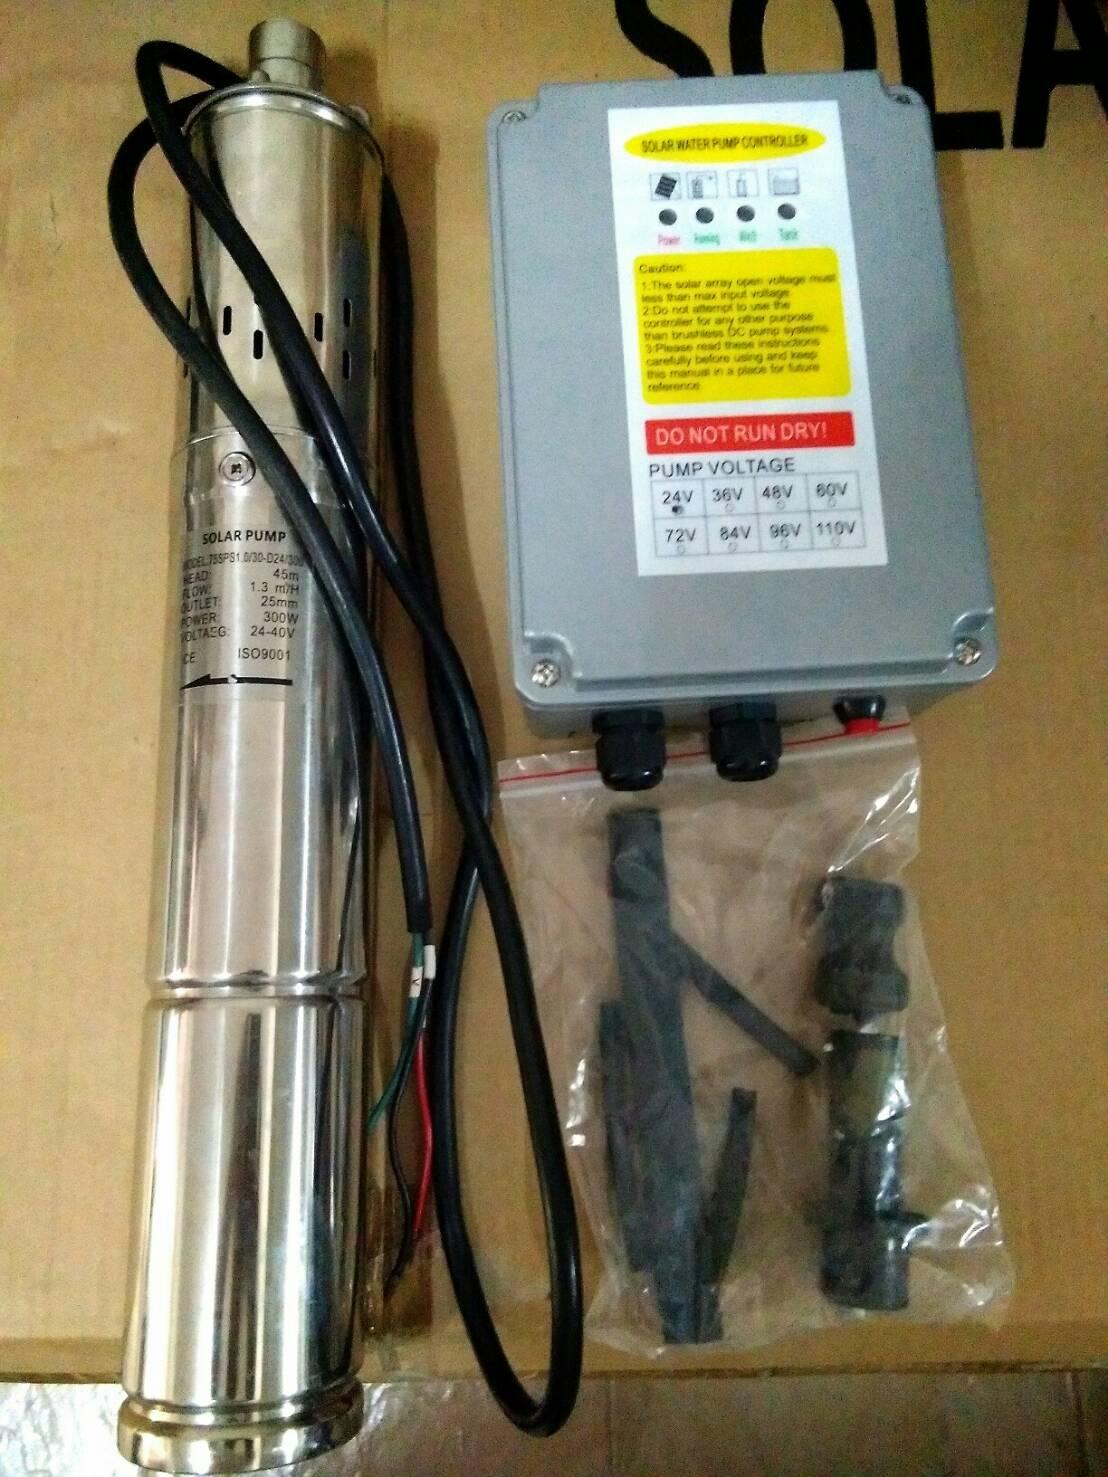 โซล่าปั๊ม (Solar Pump) ชนิด Submersible ขนาด 75SPS 1.0/30/D24/300